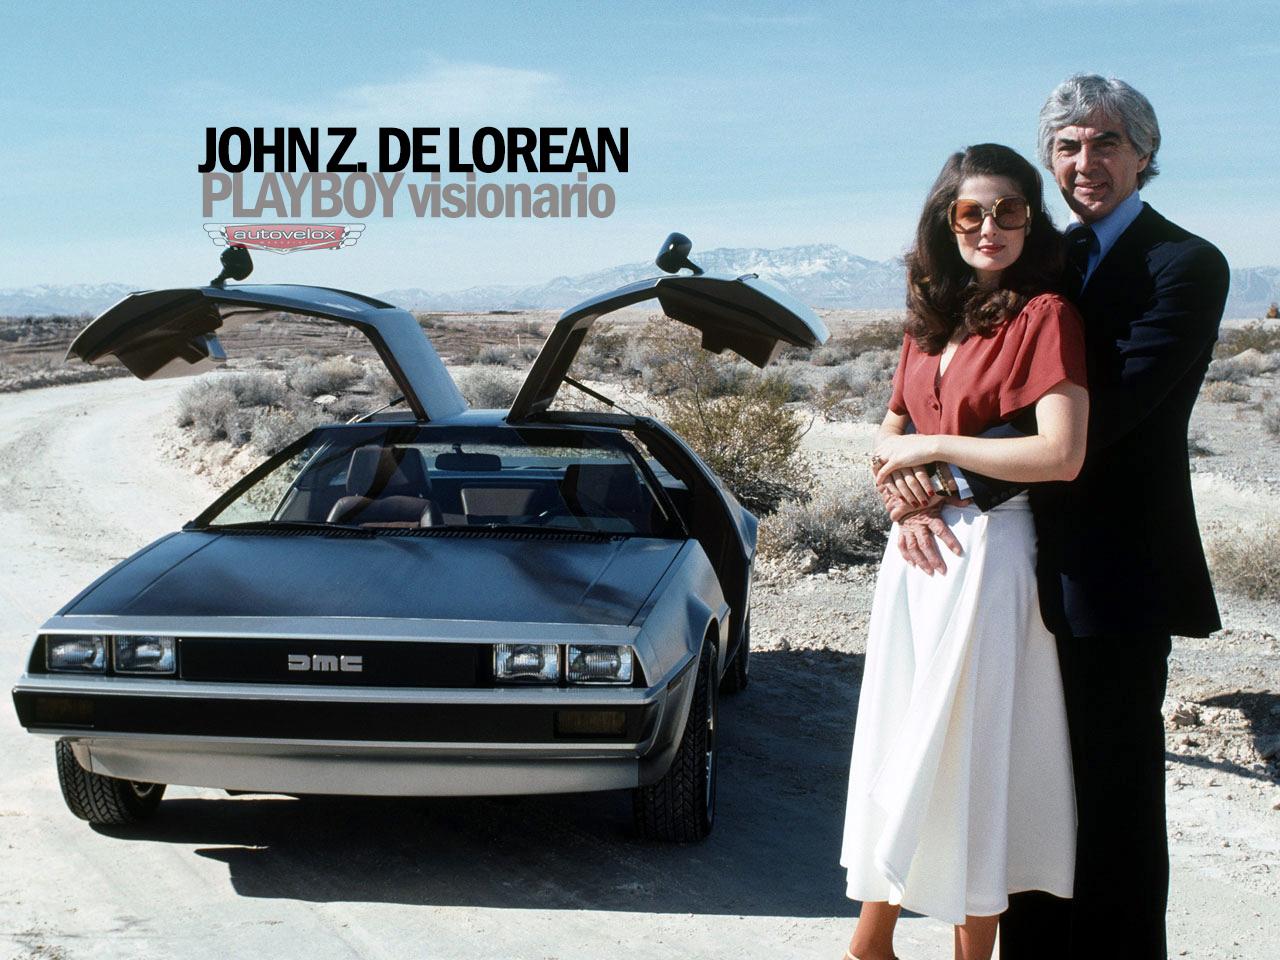 John De Lorean, visionario y polémico